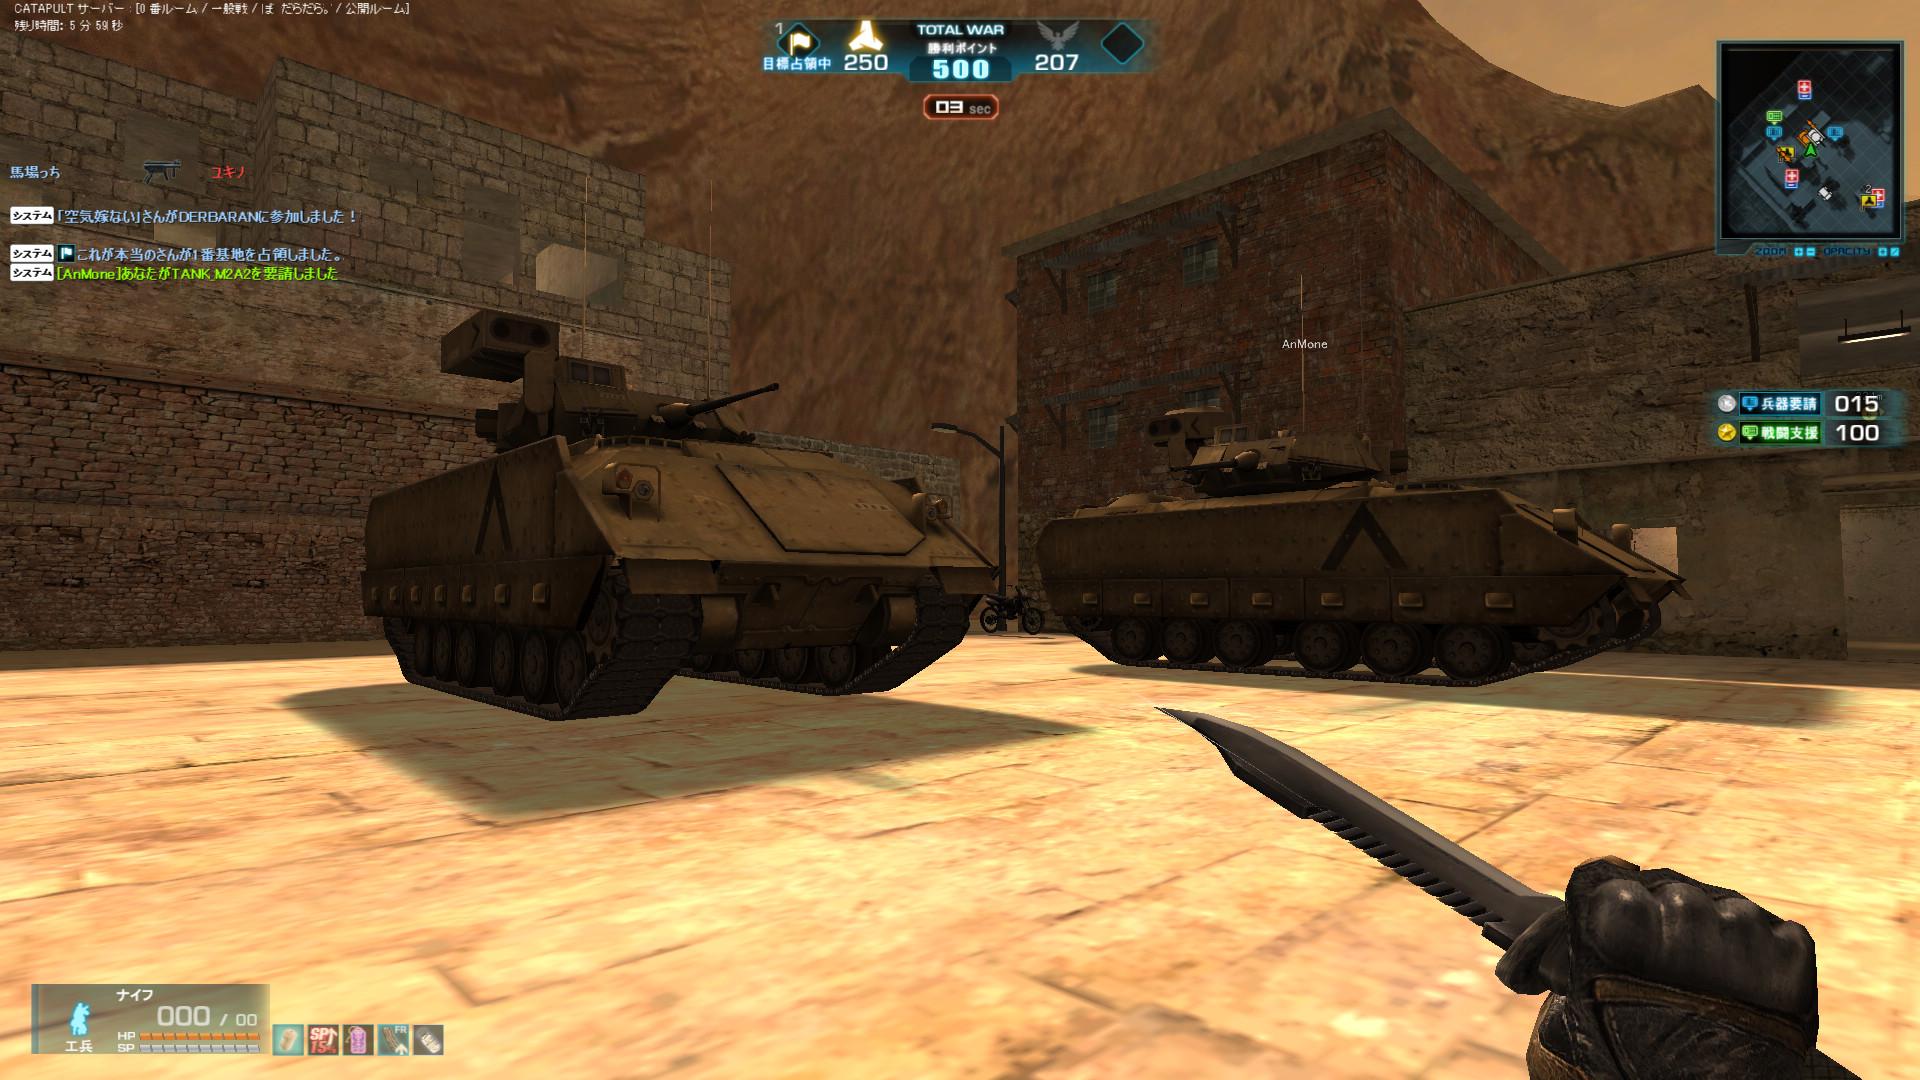 screenshot_019.jpg